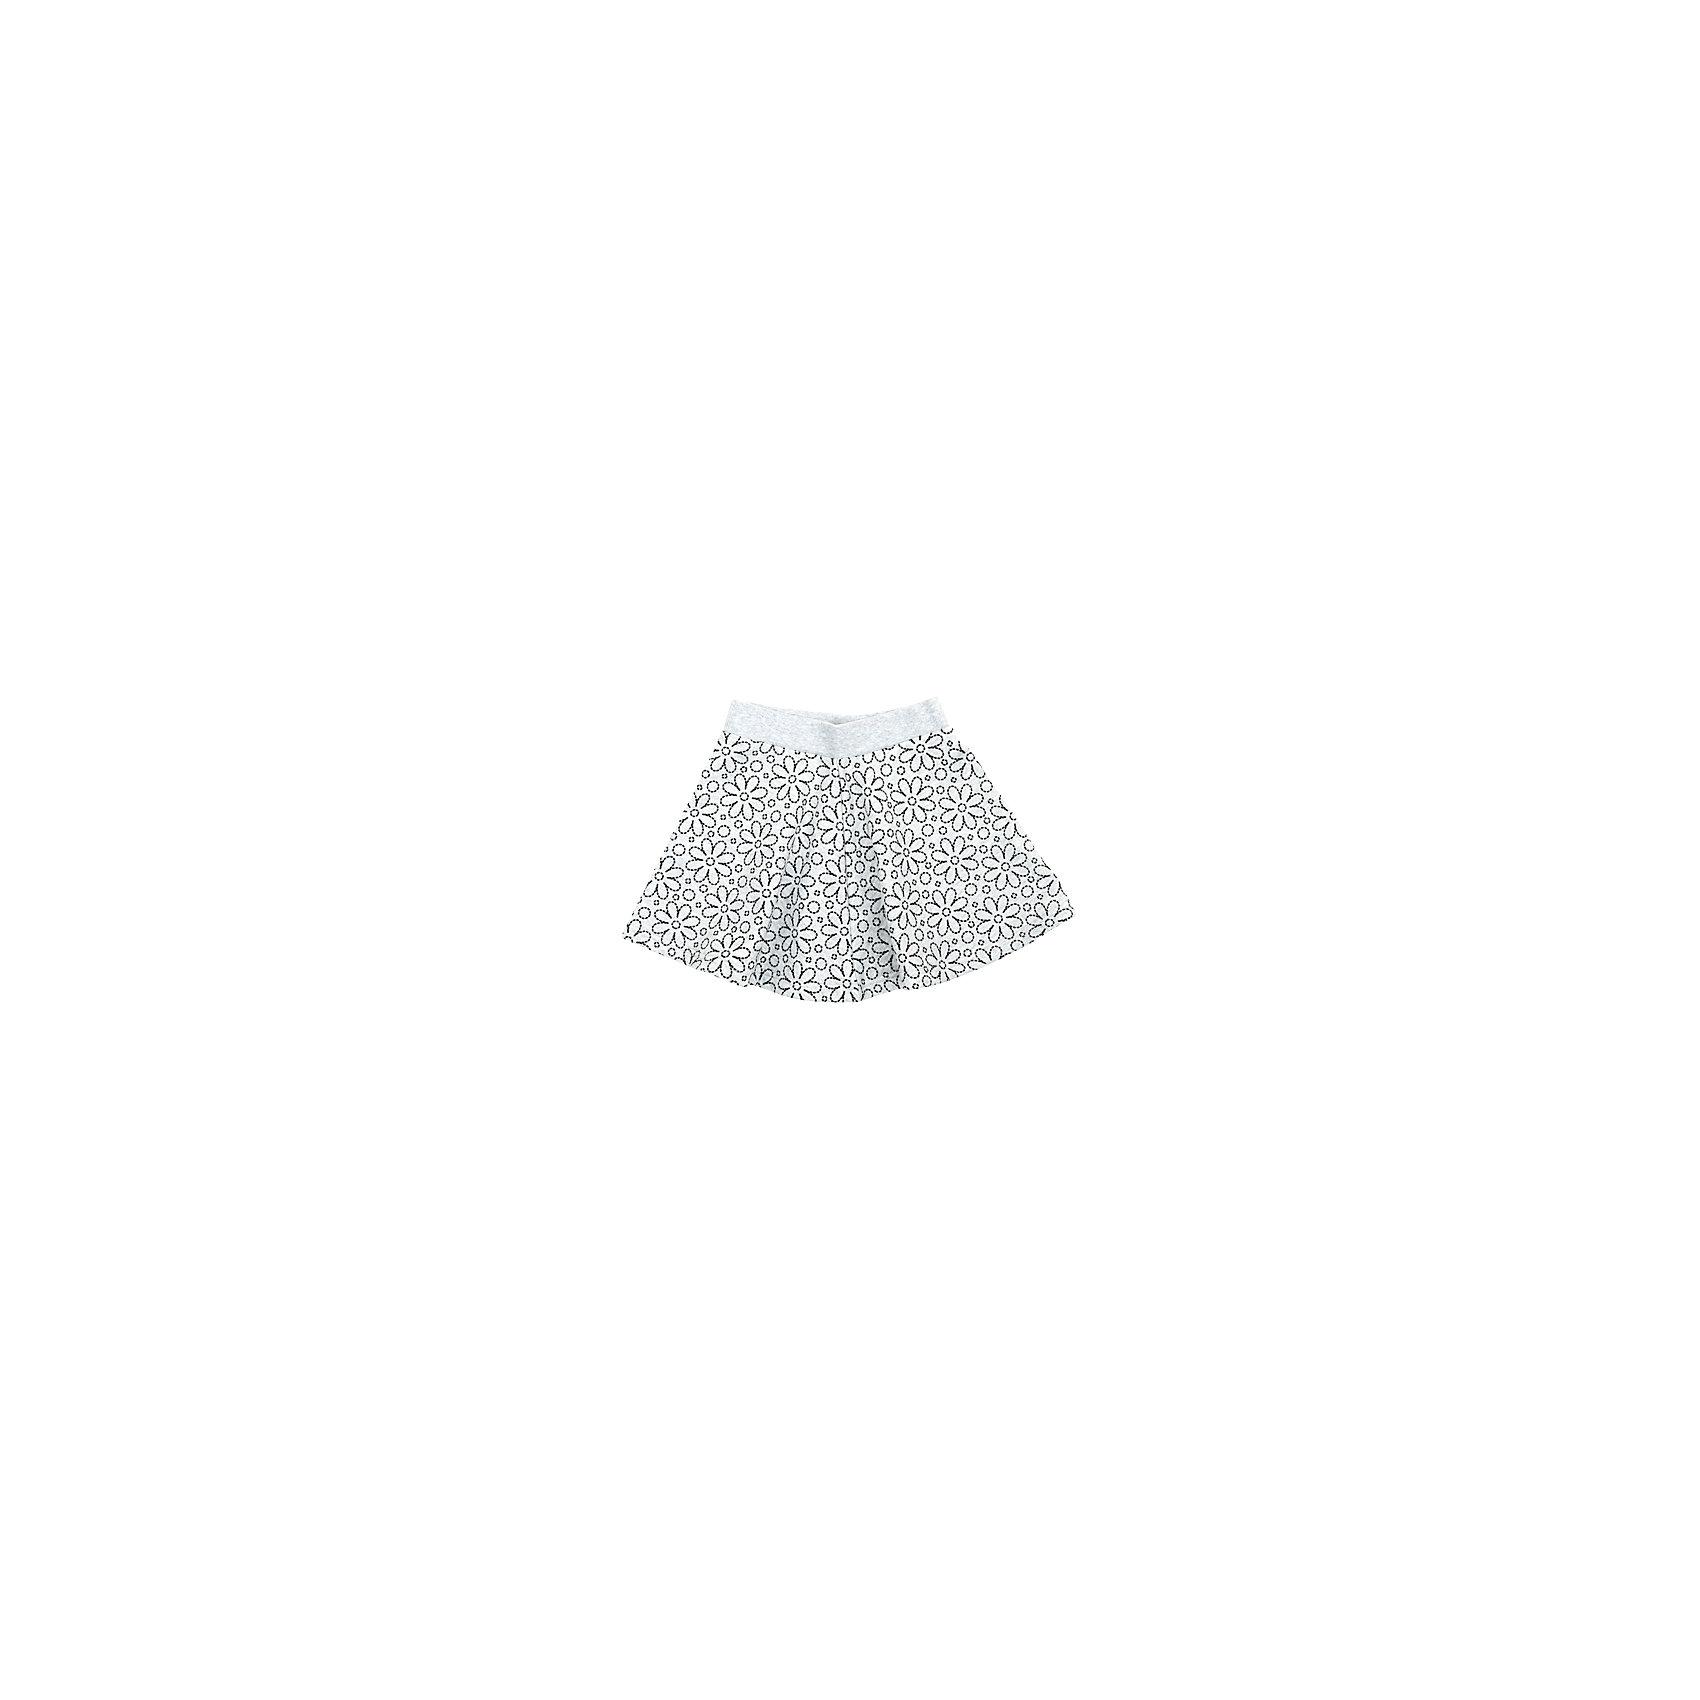 Юбка для девочки PlayTodayЮбка для девочки от известного бренда PlayToday.<br>Мягкая юбка из футера с нежным цветочным принтом. Классический крой - солнце. Пояс на мягкой резинке.<br>Состав:<br>80% хлопок, 20% полиэстер<br><br>Ширина мм: 207<br>Глубина мм: 10<br>Высота мм: 189<br>Вес г: 183<br>Цвет: разноцветный<br>Возраст от месяцев: 72<br>Возраст до месяцев: 84<br>Пол: Женский<br>Возраст: Детский<br>Размер: 104,122,128,116,98,110<br>SKU: 4898495